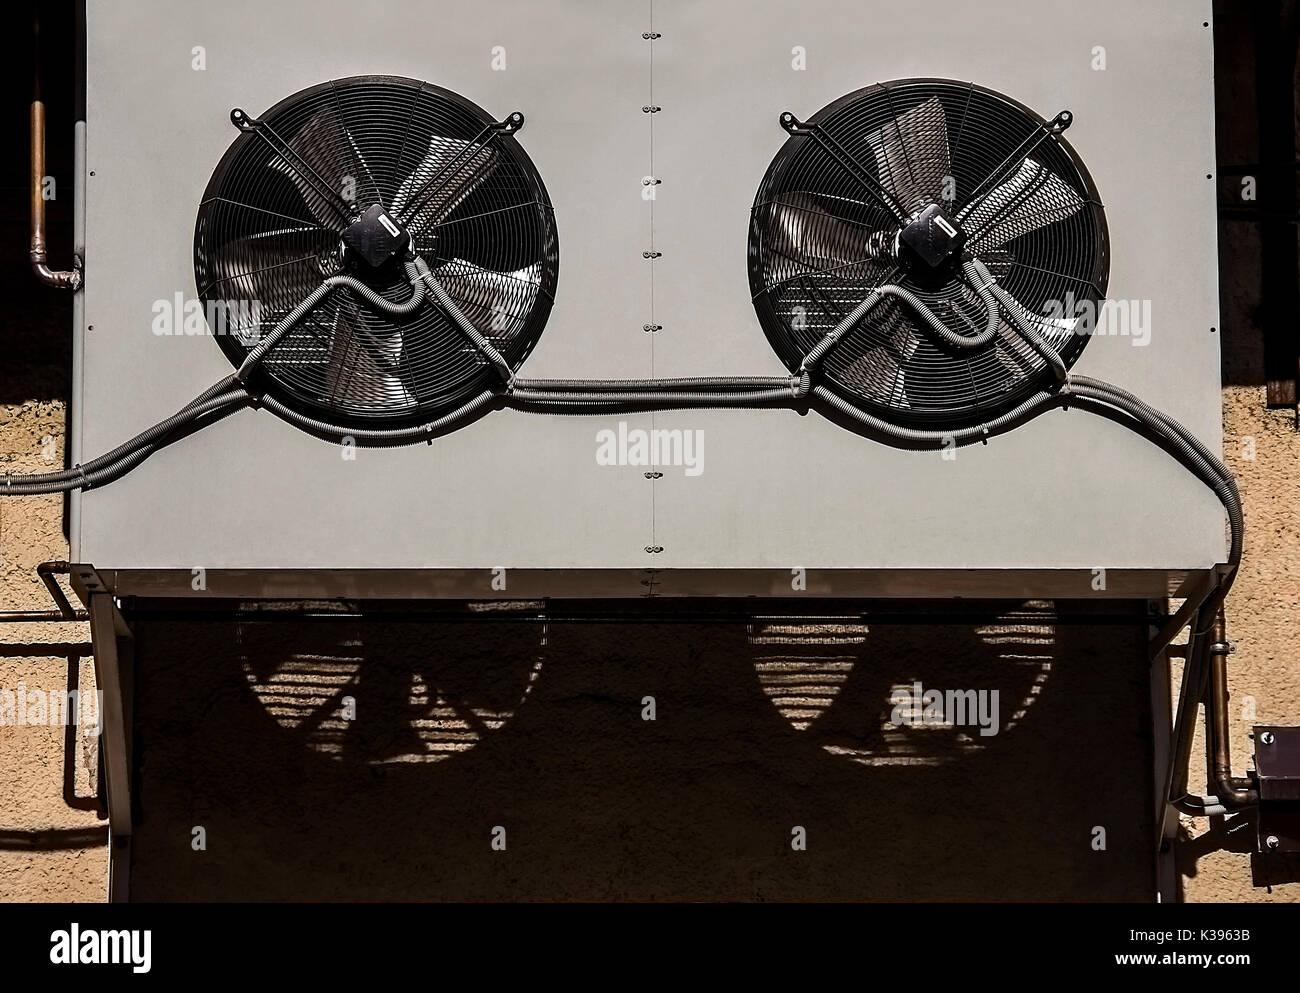 Klimaanlage Ventilator, Outdoor Unit der Klimaanlage mit Rohren und Schatten Stockbild